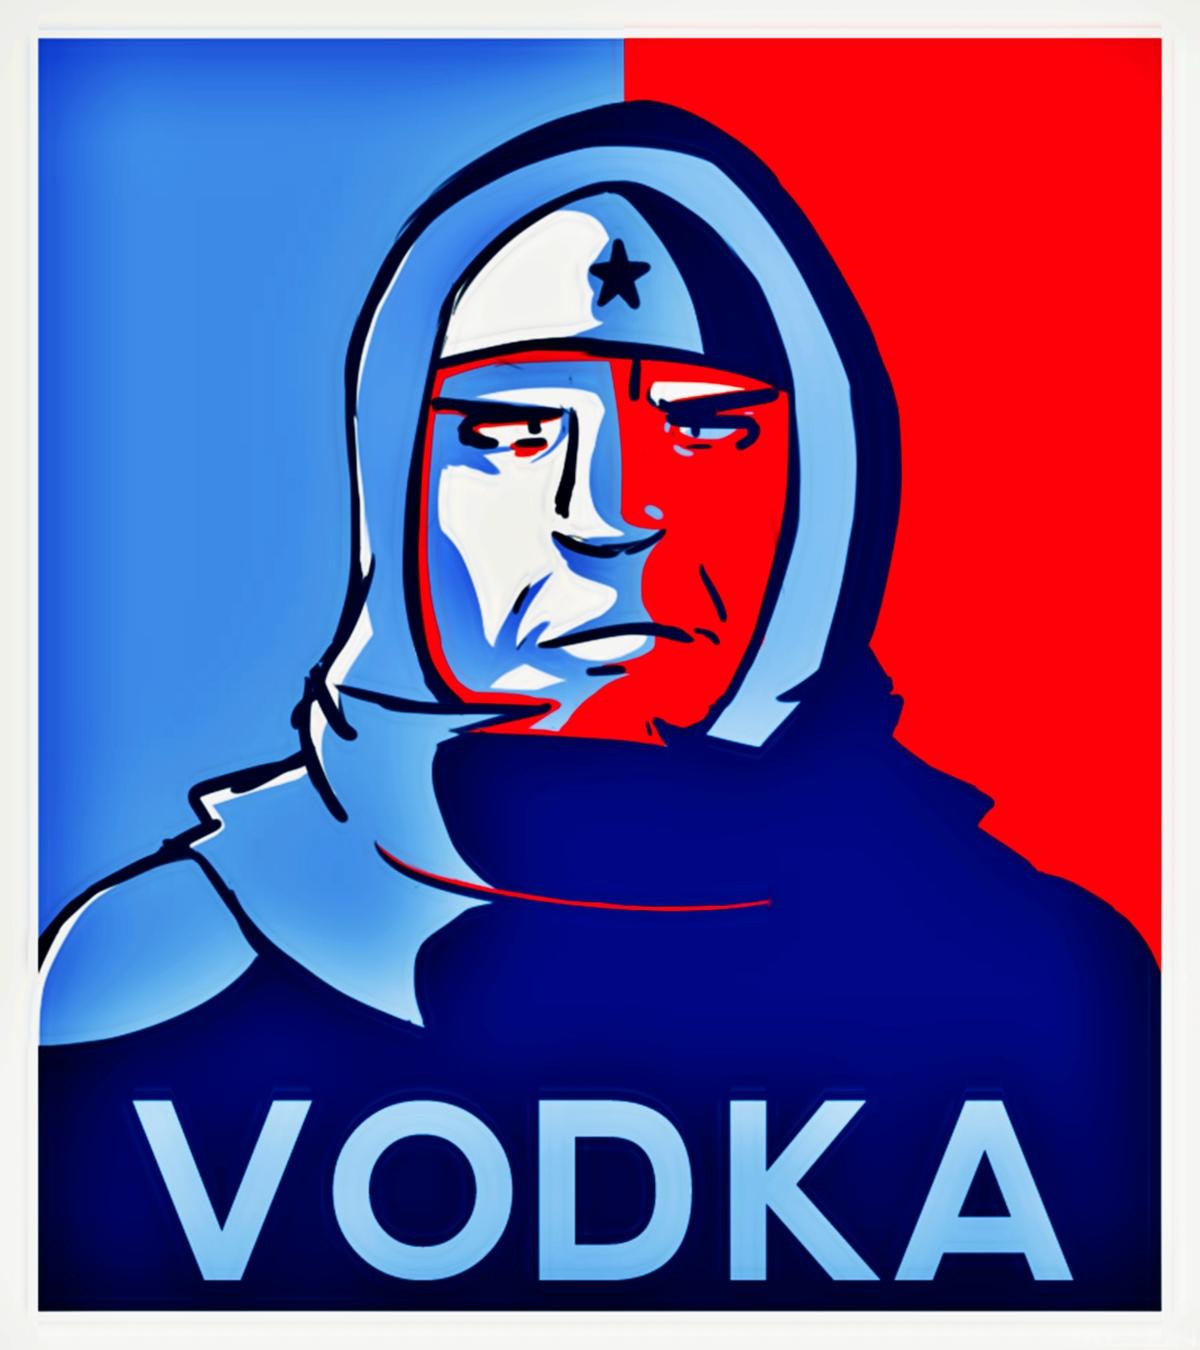 vodka | Voices from Ru...